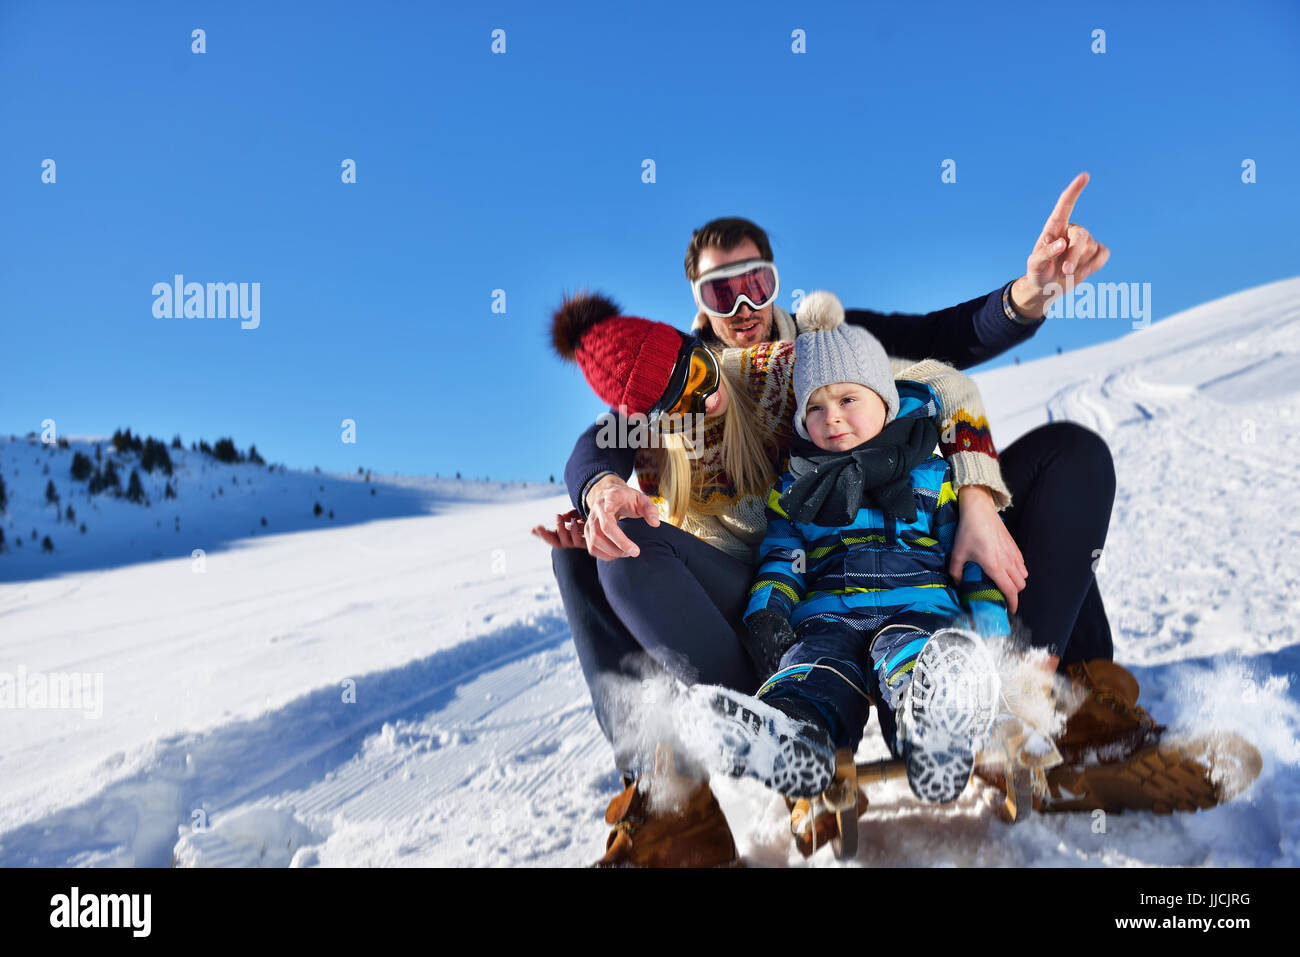 die glückliche Familie fährt den Schlitten im Winter Holz, fröhliche Winter-Unterhaltung Stockbild